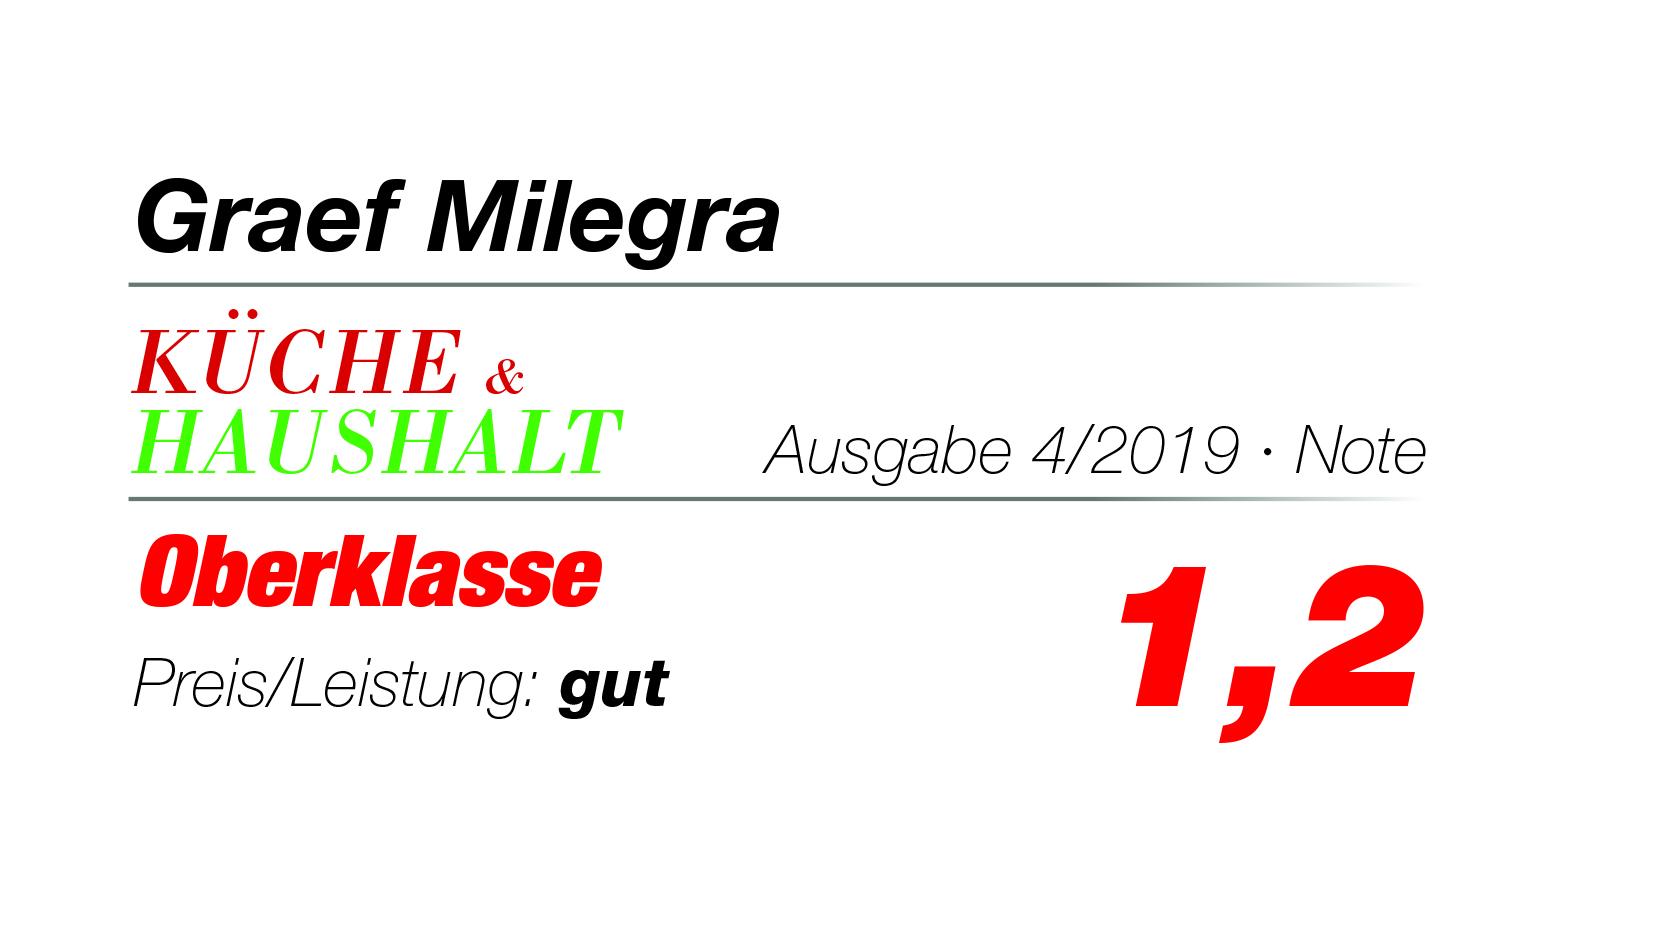 Kueche-Haushalt-Milegra